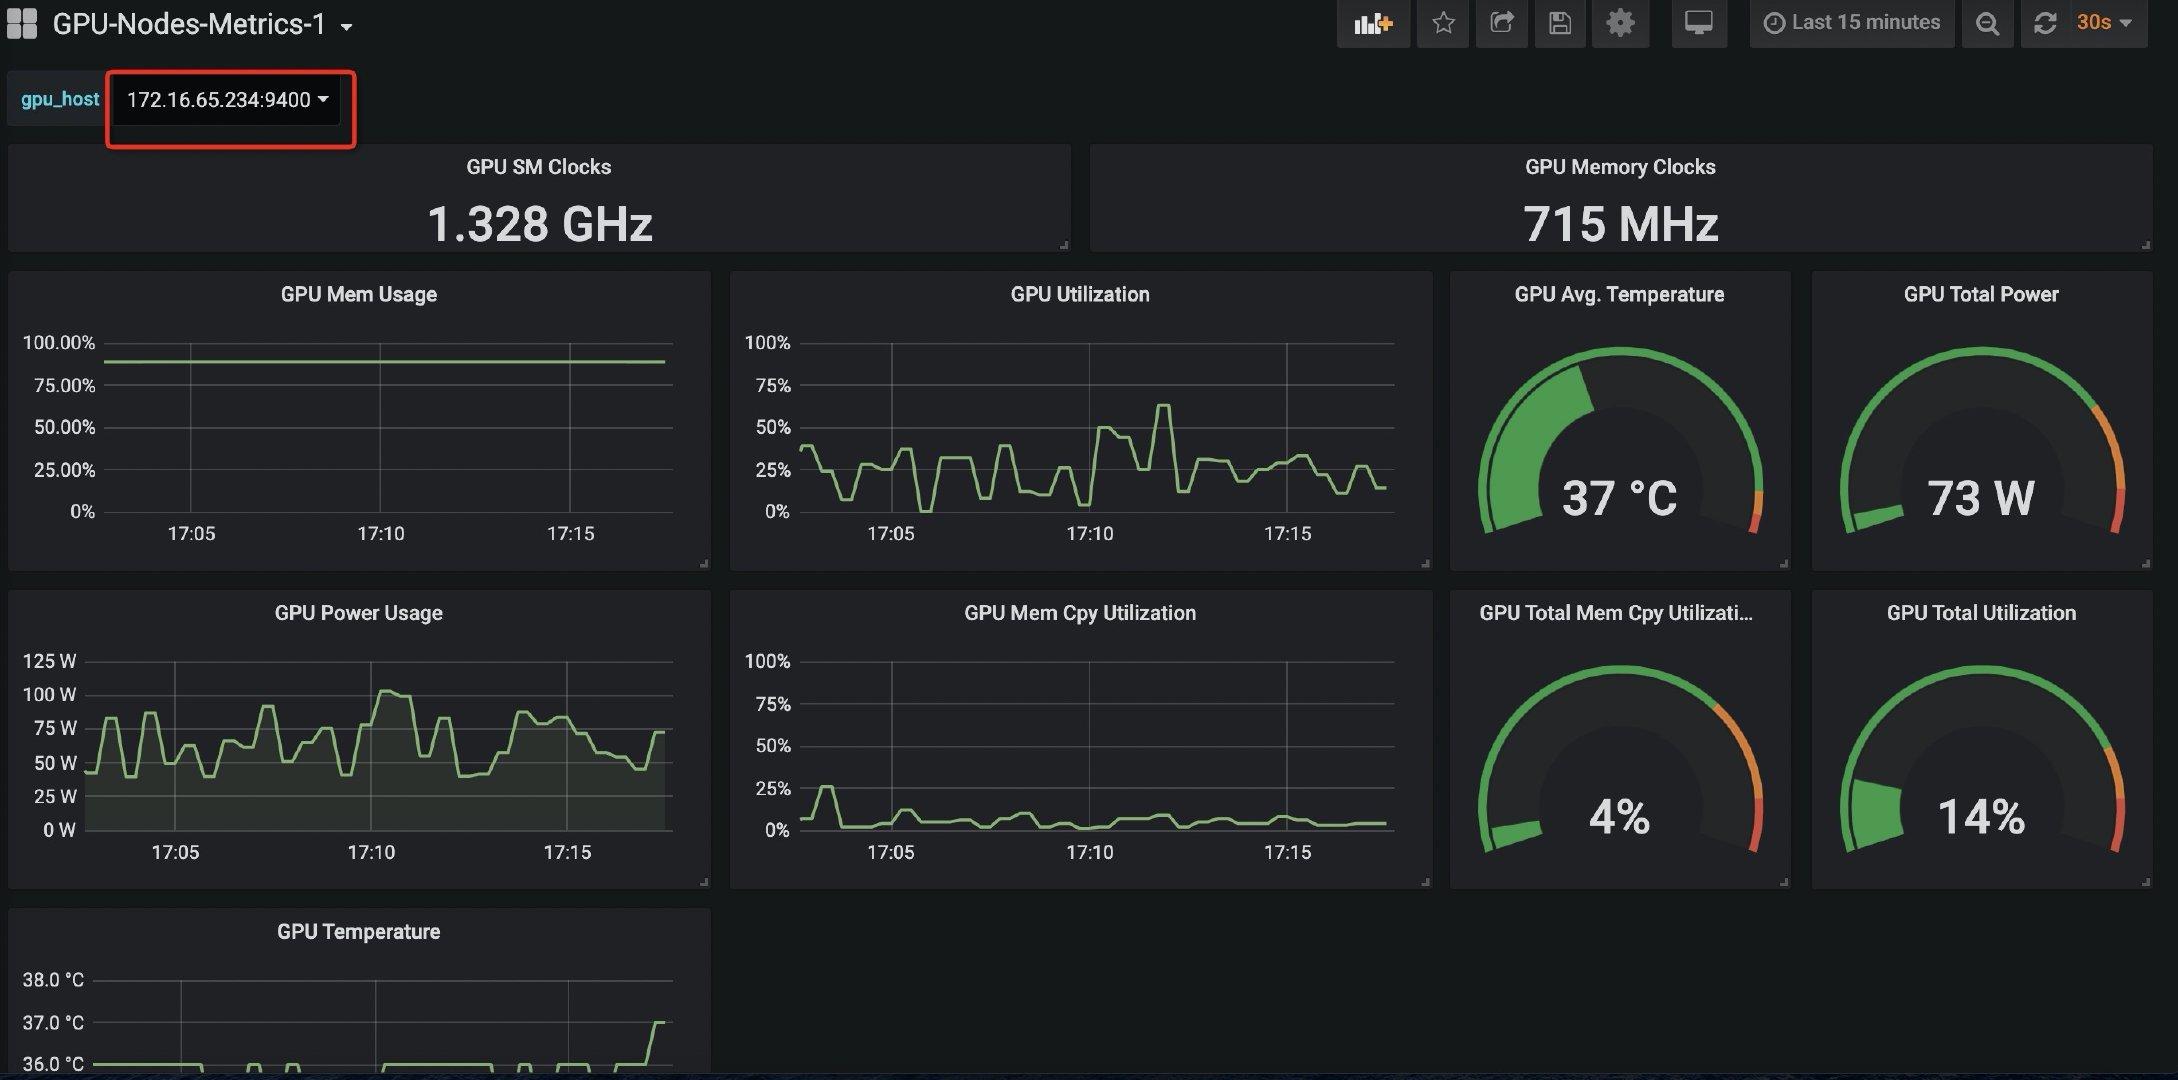 最终的GPU监控图